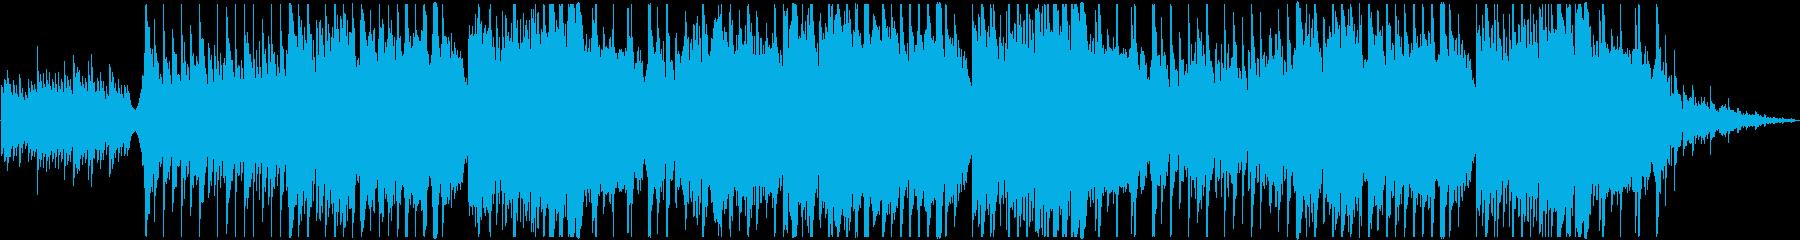 厳かな雰囲気のある和風ピアノBGMの再生済みの波形